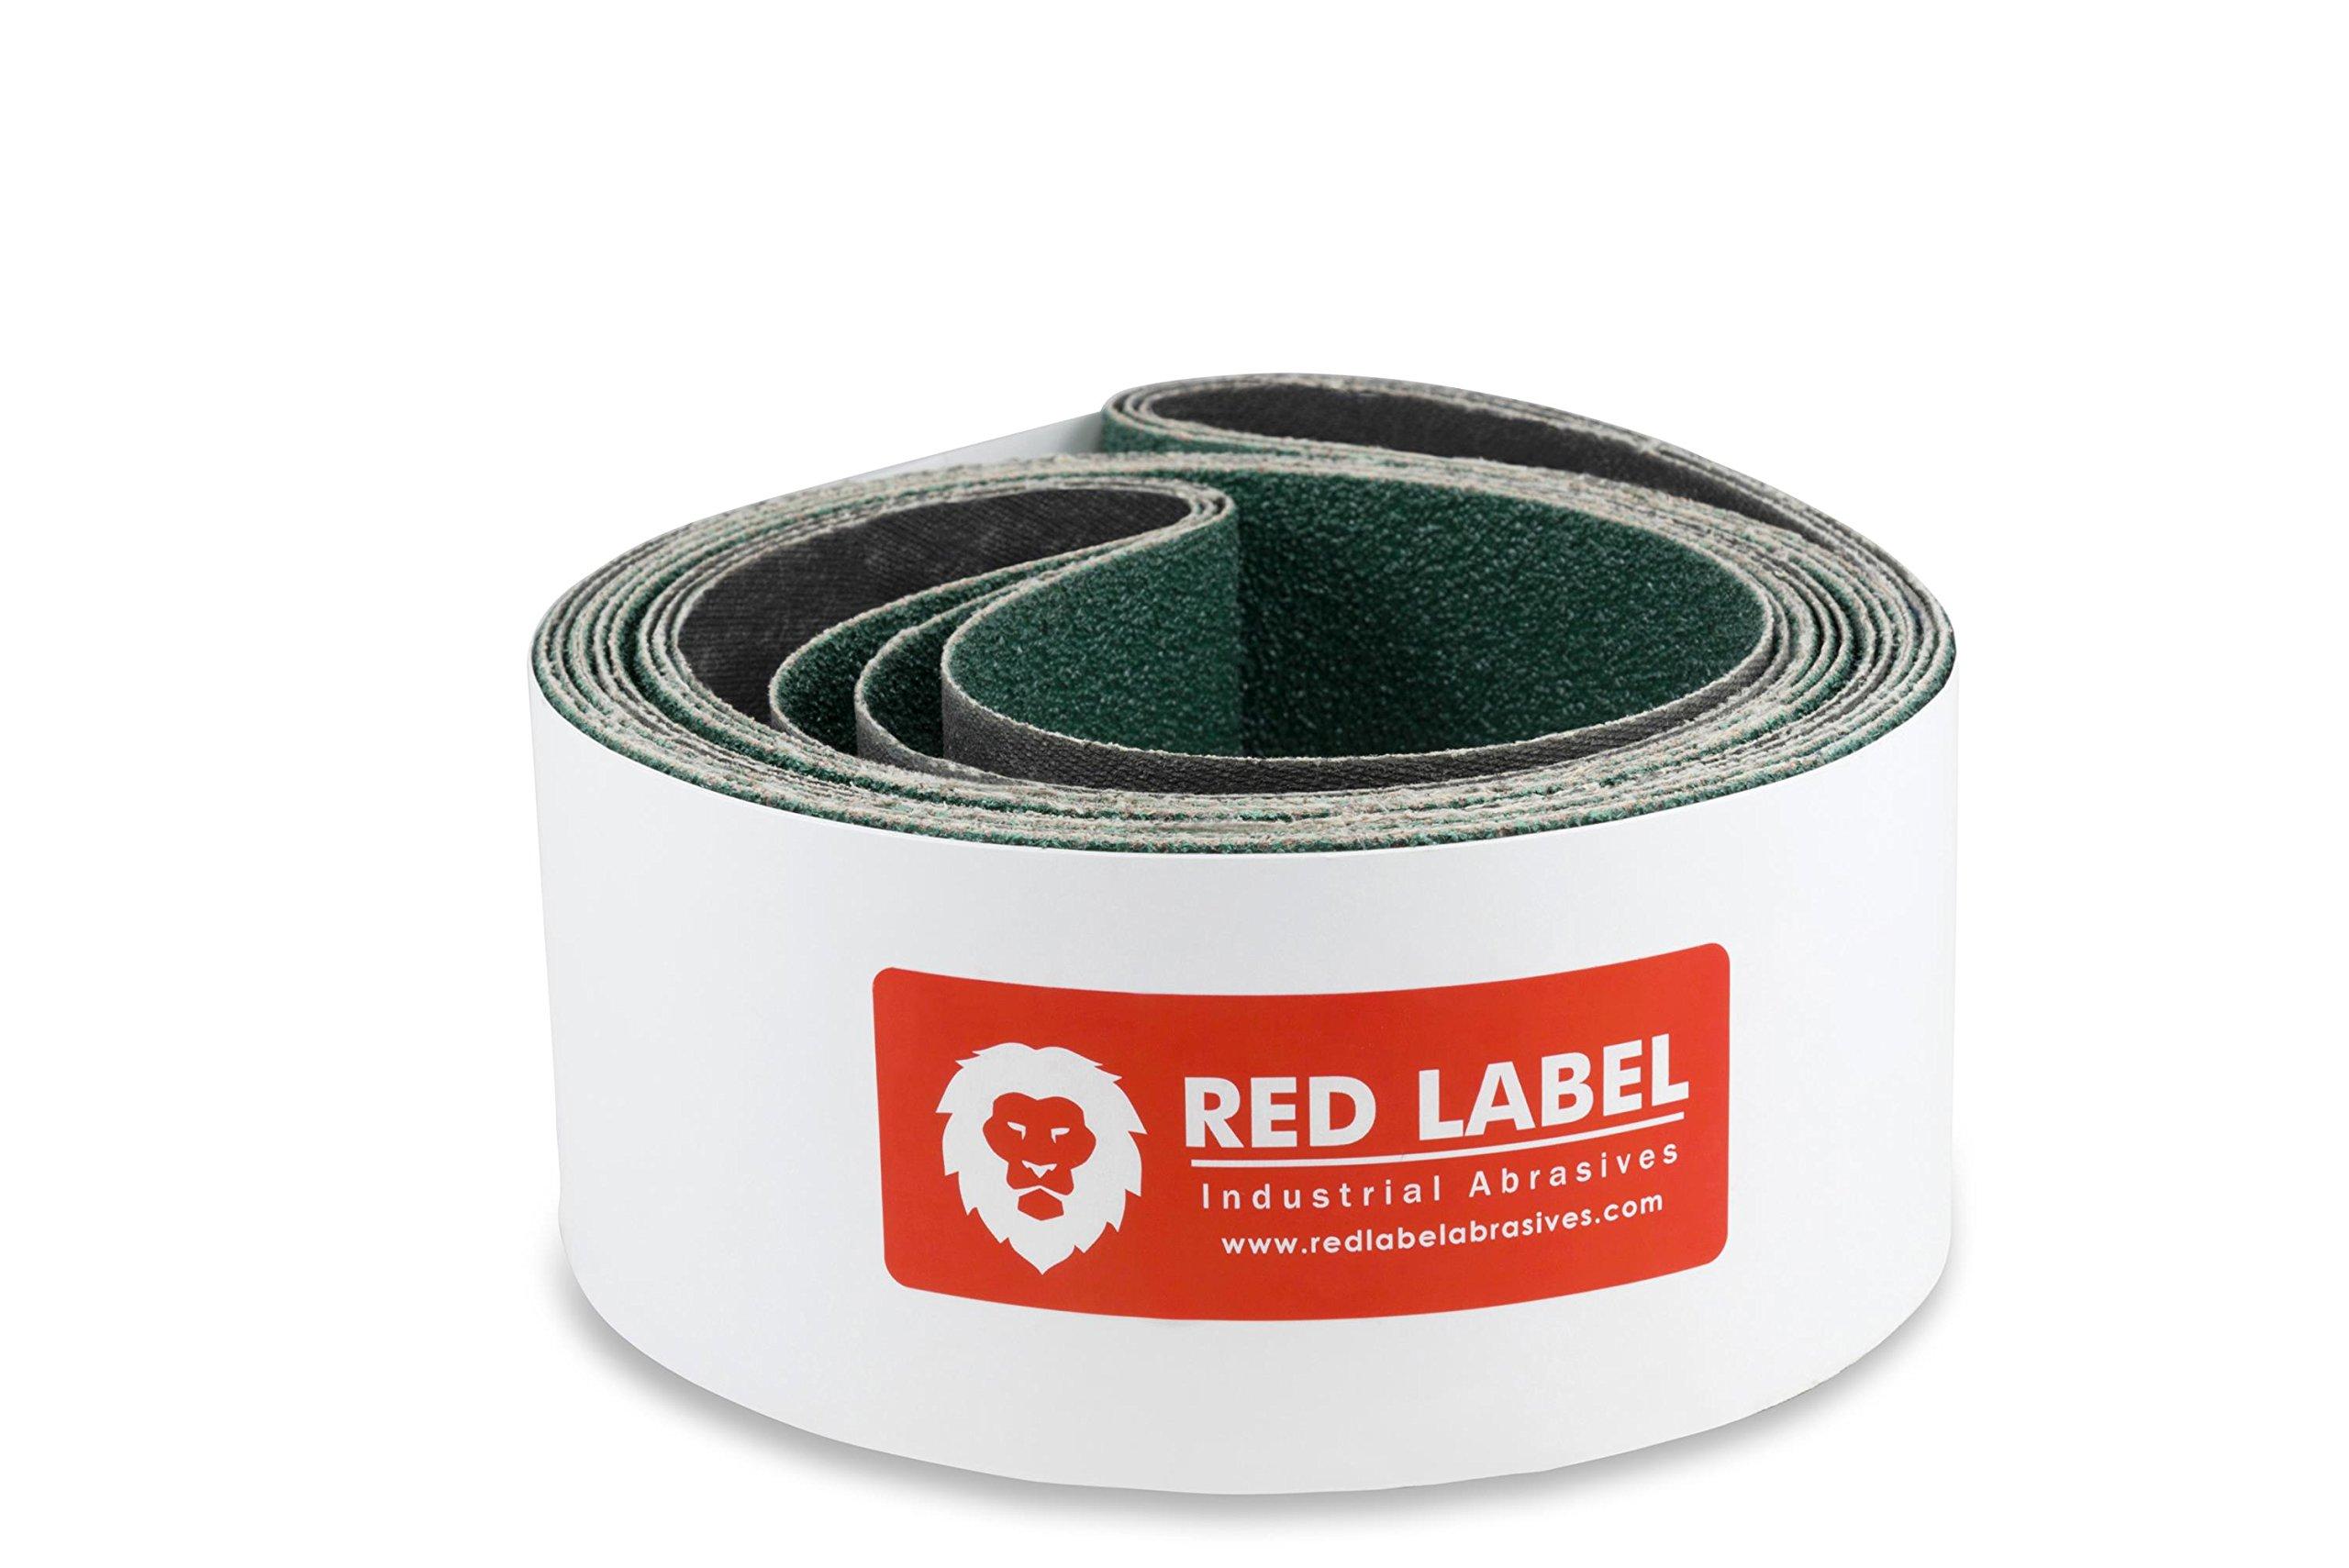 6 X 80 Inch 40 Grit Metal Grinding Zirconia Sanding Belts, 2 Pack